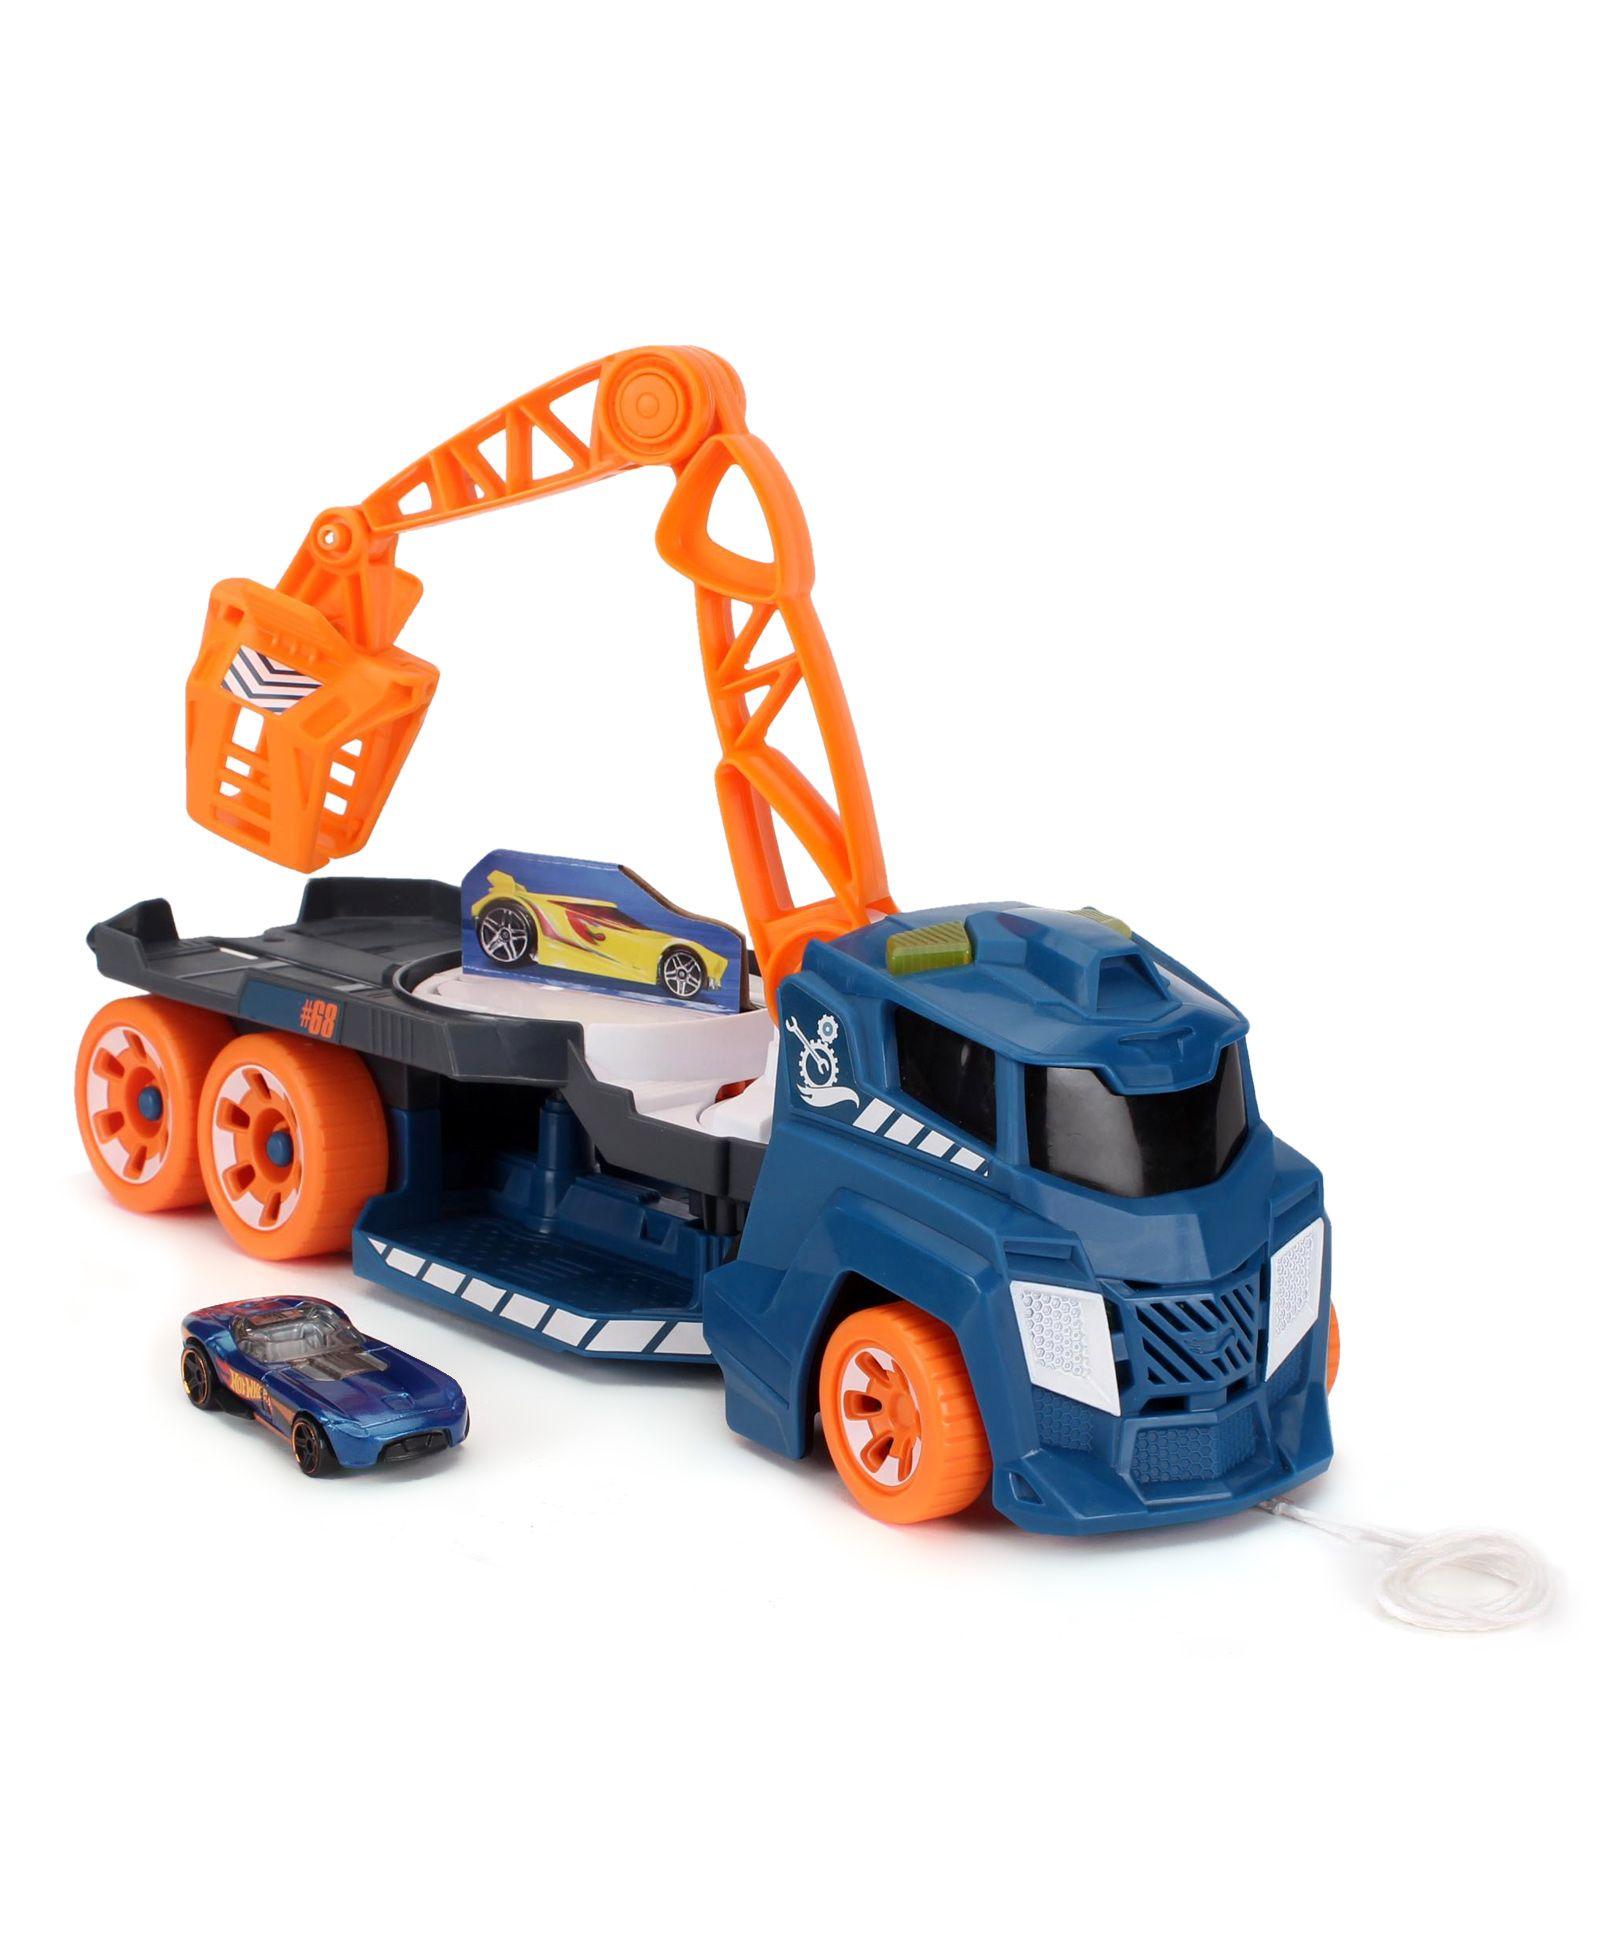 Hot Wheels Spinnin Sound Crane - Blue & Orange